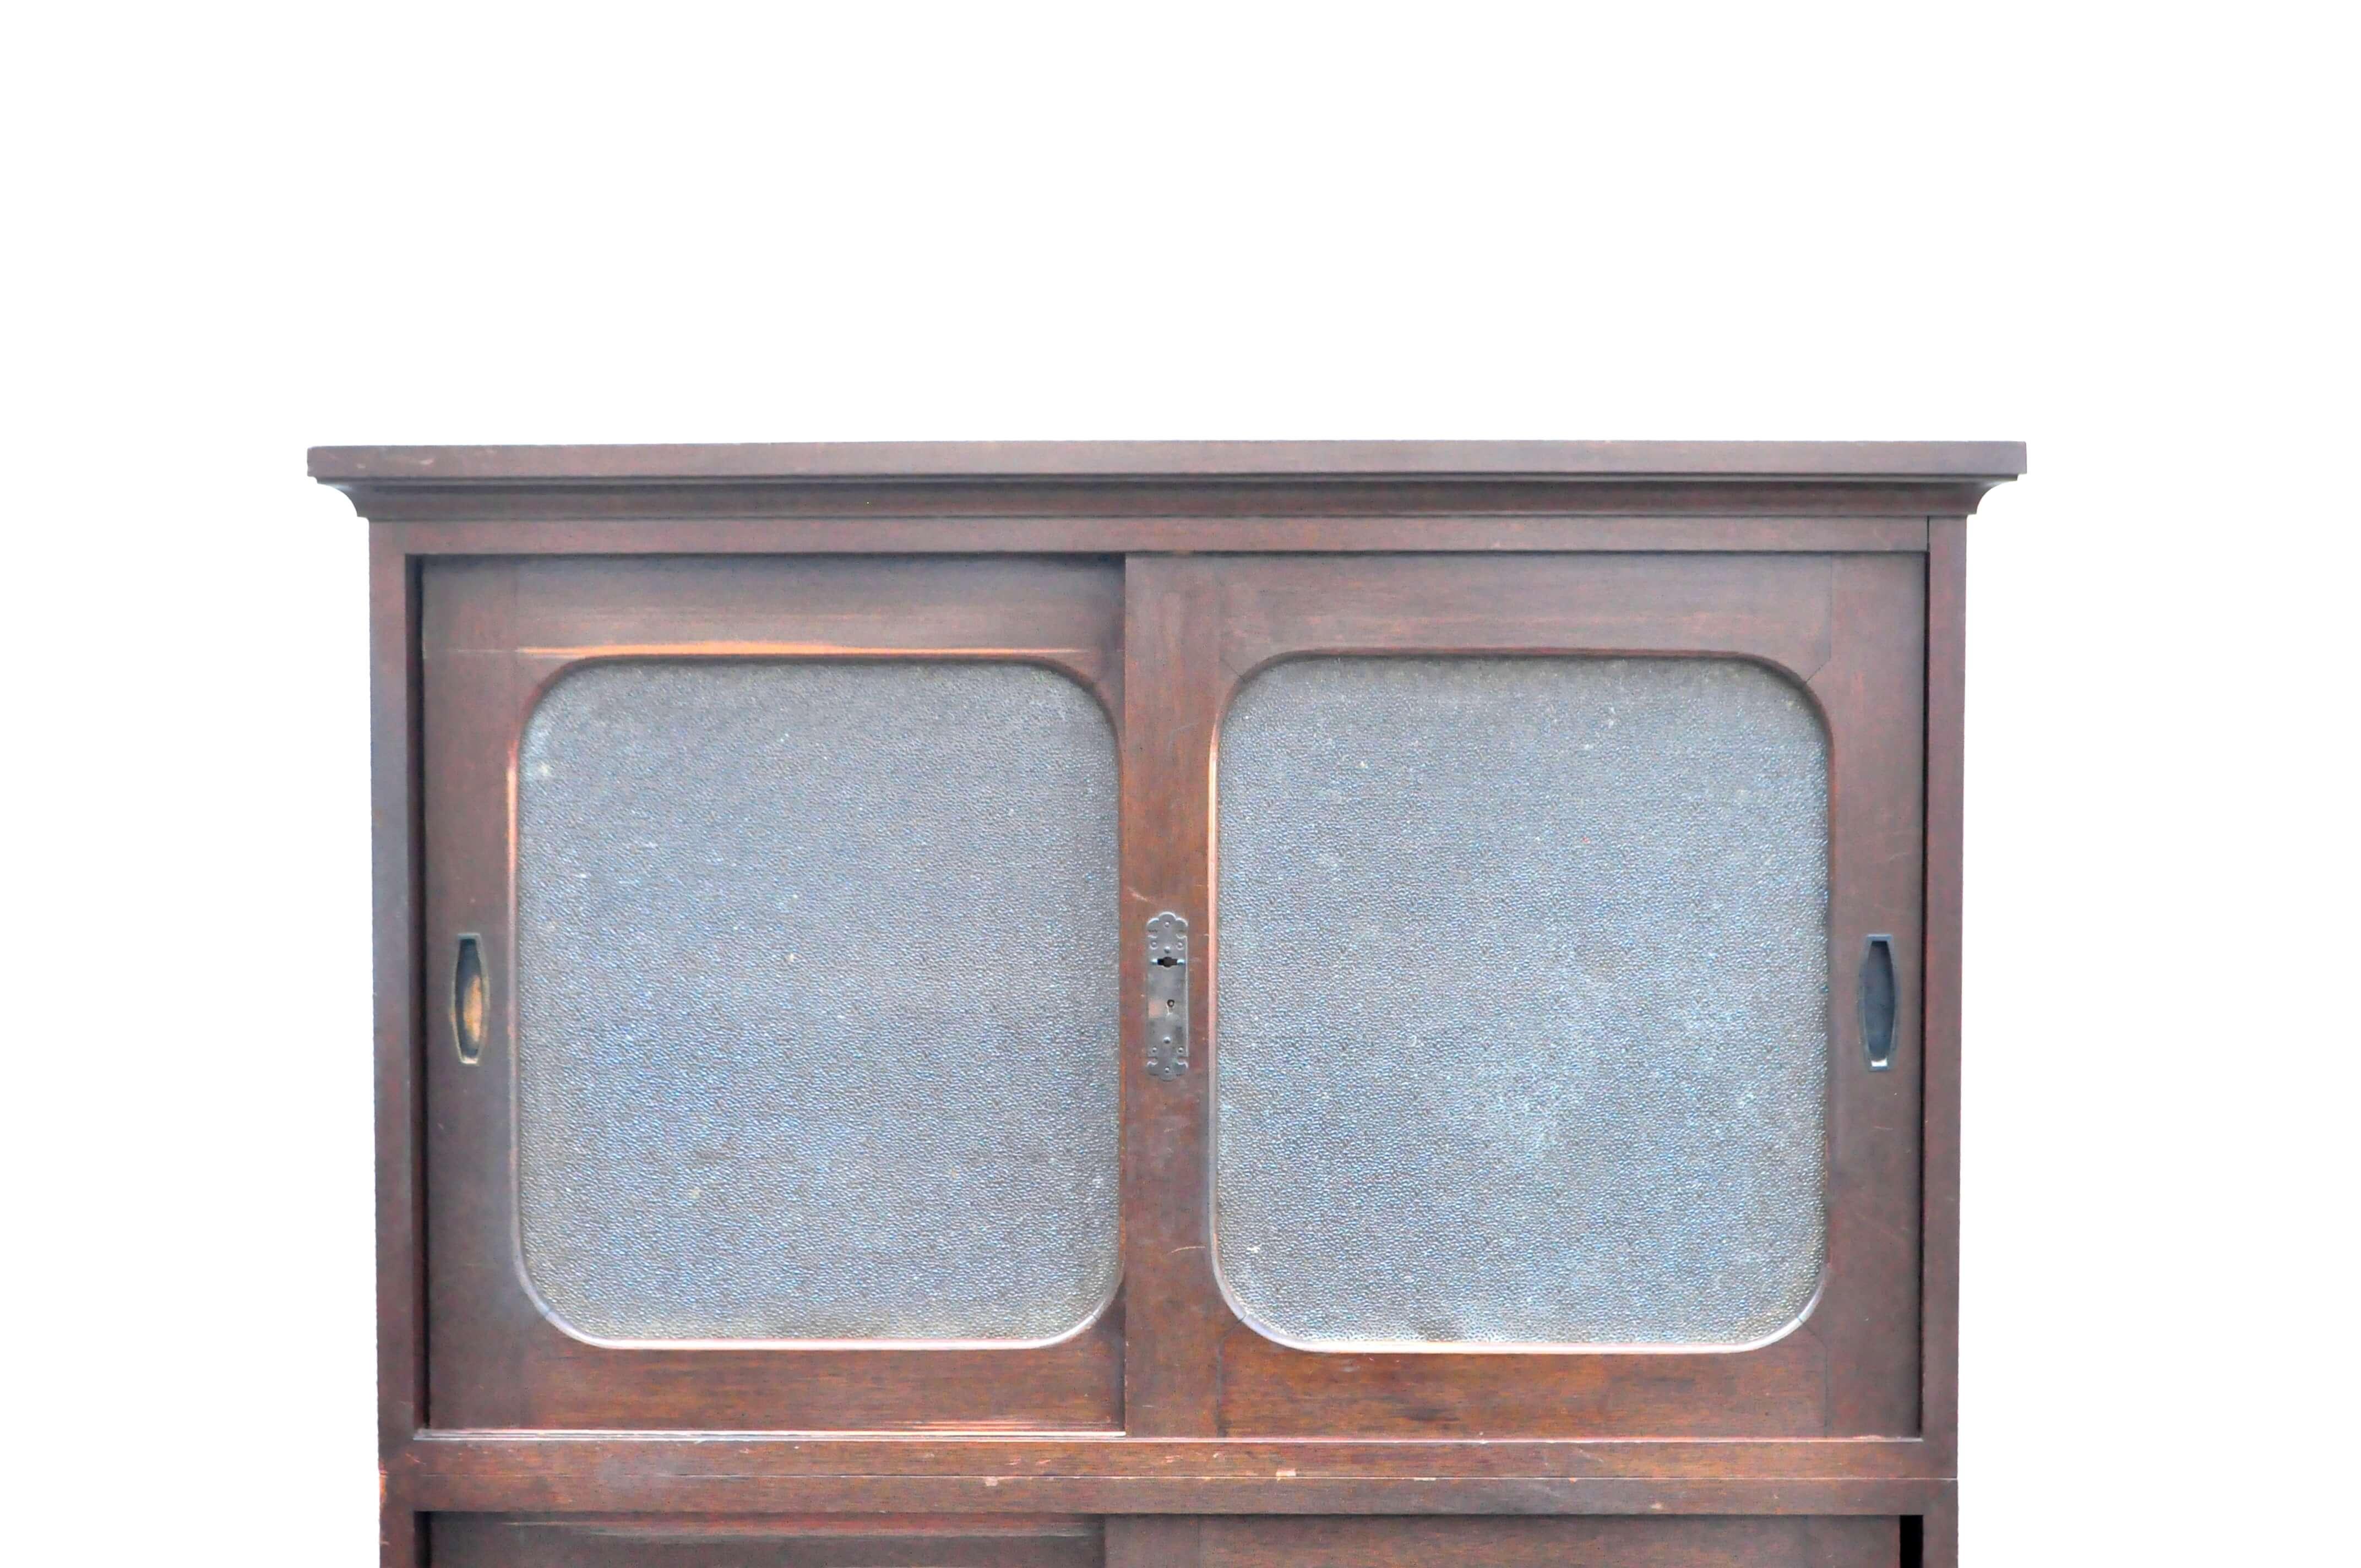 日本のアンティークキャビネット。回顧的なデザインや、長い年月を経て生まれた木の深みを味わえるお品物。古いガラス独特の模様が時代を感じさせてくれます。こちらのガラスの模様は、ダイヤガラスと呼ばれ1935年から日本国内で製造された結霜ガラスと同様に日本の代表的なレトロガラスの一種です。このように、表面の無数の切り込み模様が特徴で、光にあたるとダイヤのように輝きを放ちます。ガラスの特性で物のシルエットがぼやけるので、色があるものを収納するとの彩りも美しいです。食器の収納はもちろん、小ぶりなサイズ感ですのでお好きなインテリア雑貨などを収納して飾り棚としてお使い頂けるかと思います。